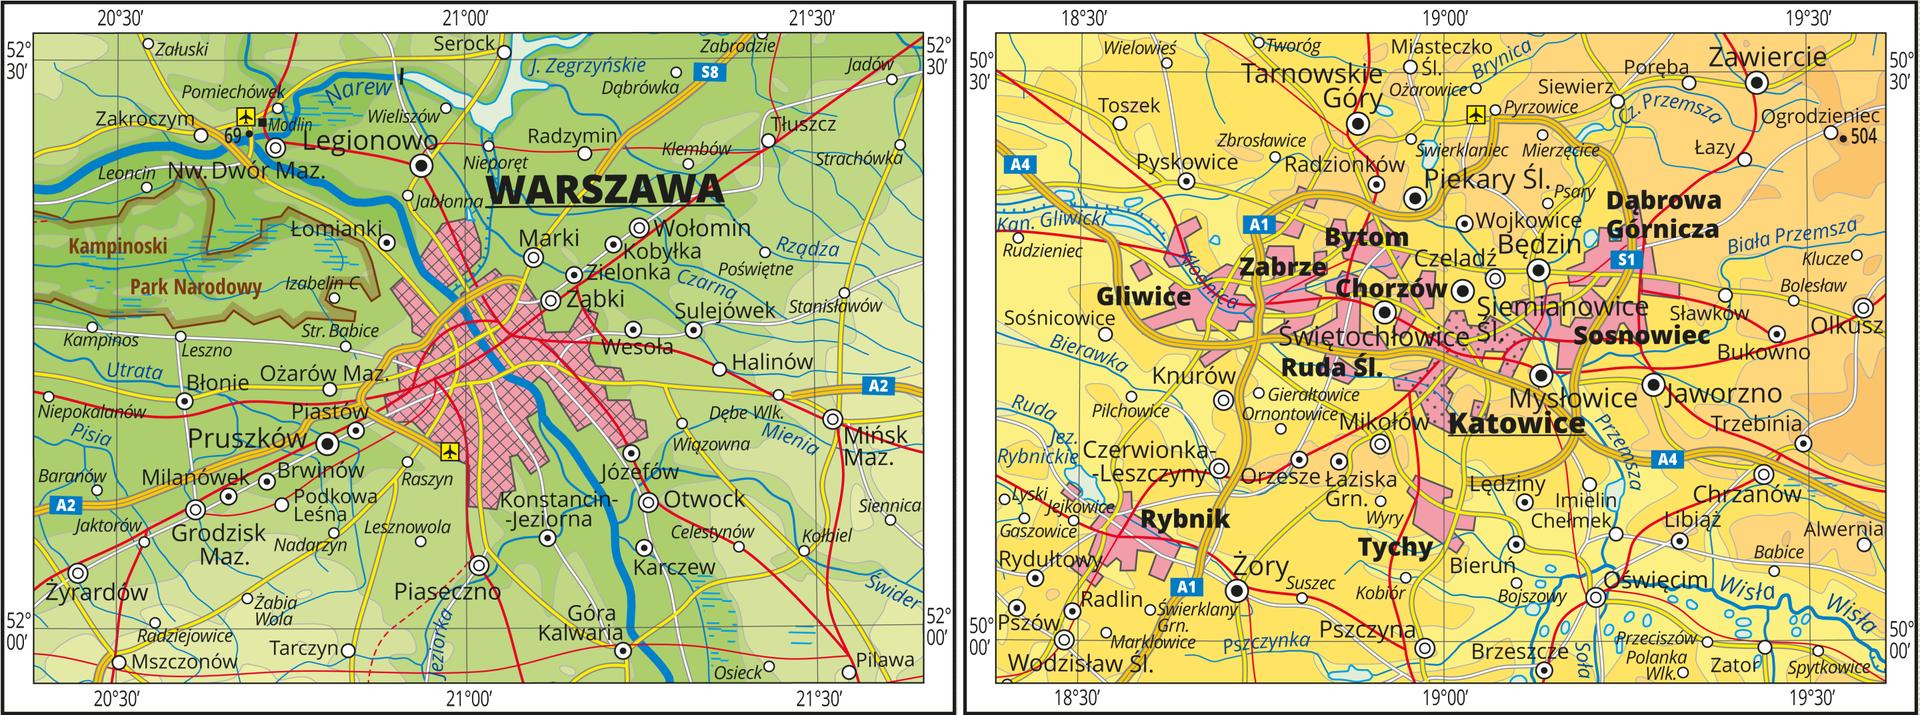 Ilustracja przedstawia dwa fragmenty mapy hipsometrycznej Polski po lewej stronie zcentralnie umieszczoną wśrodku mapy Warszawą. Mapa przedstawia aglomerację warszawską zwyraźnie dominującym ośrodkiem centralnym. Warszawa przedstawiona jest wformie rozległej sygnatury. Dookoła kropkami zaznaczono pozostałe miasta. Po prawej stronie wcentrum mapy aglomeracja policentryczna złożona zkilku równorzędnych miast położonych blisko siebie. Miasta połączone rozbudowaną sieci komunikacyjną. Na mapie między innymi: Gliwice, Zabrze, Chorzów, Bytom, Ruda Śląska, Katowice, Sosnowiec, Dąbrowa Górnicza.